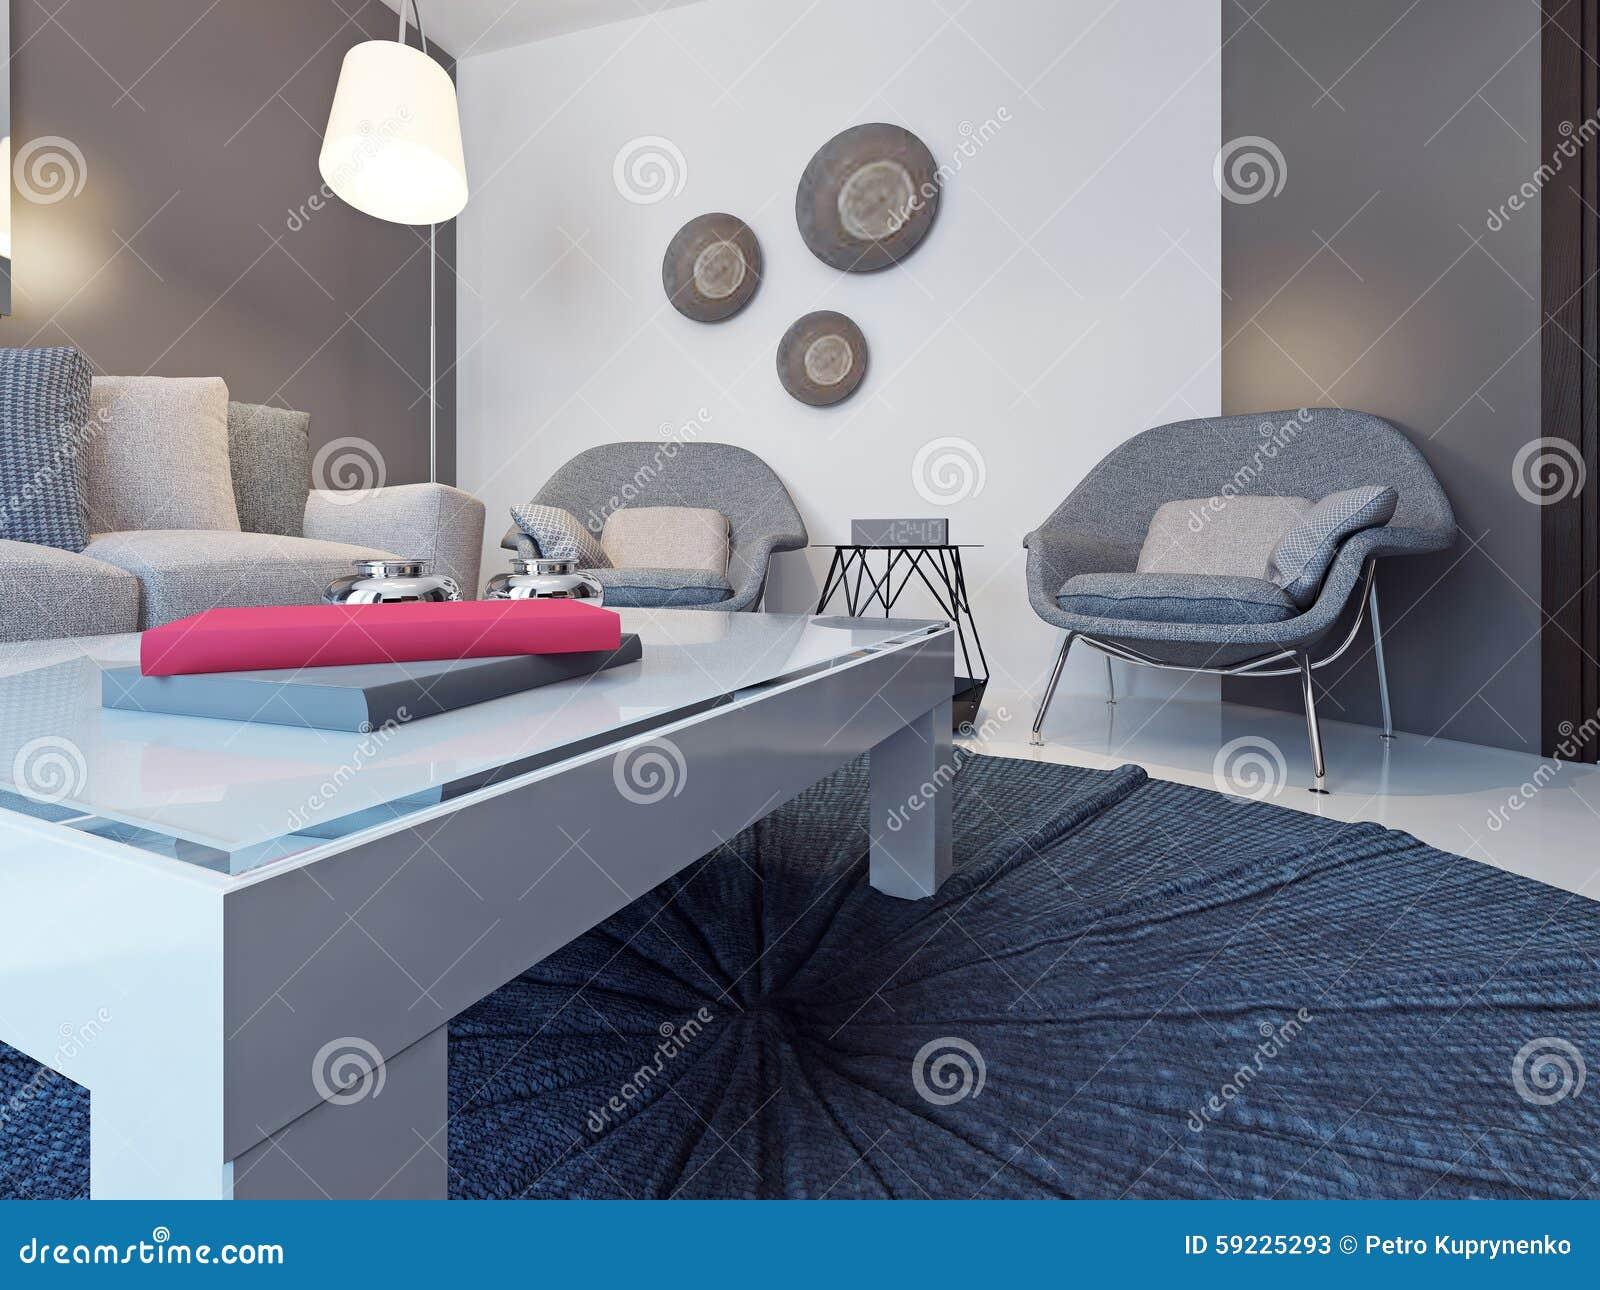 Låg tabell på en rund matta arkivfoto   bild: 59225293